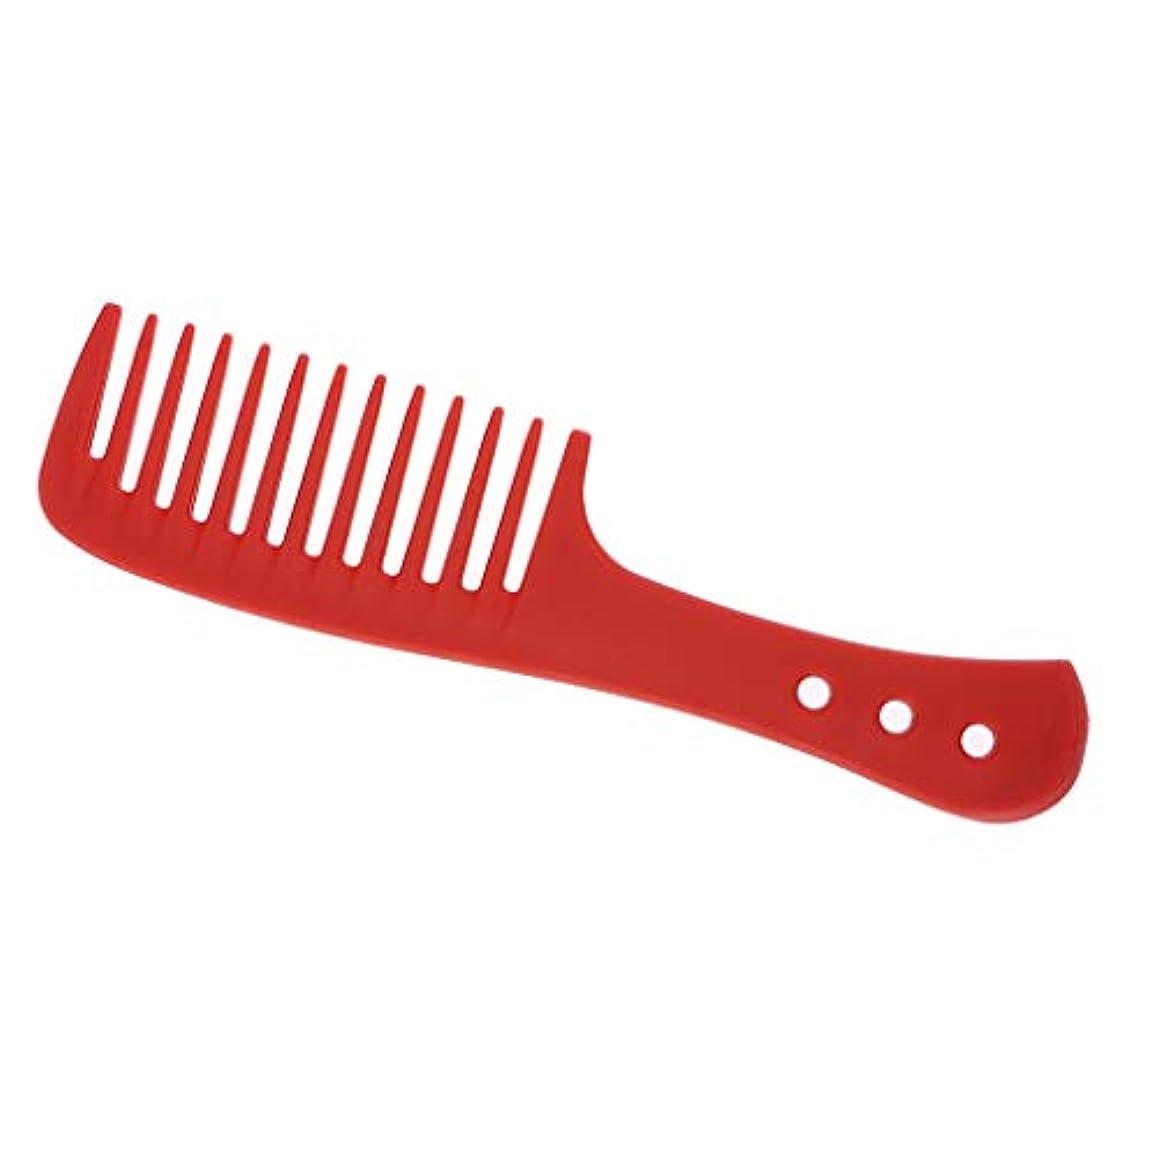 服を洗う禁輸継続中Perfeclan 櫛 ヘアブラシ ヘアコーム 広い歯 耐久性 耐熱性 帯電防止 4色選べ - 赤